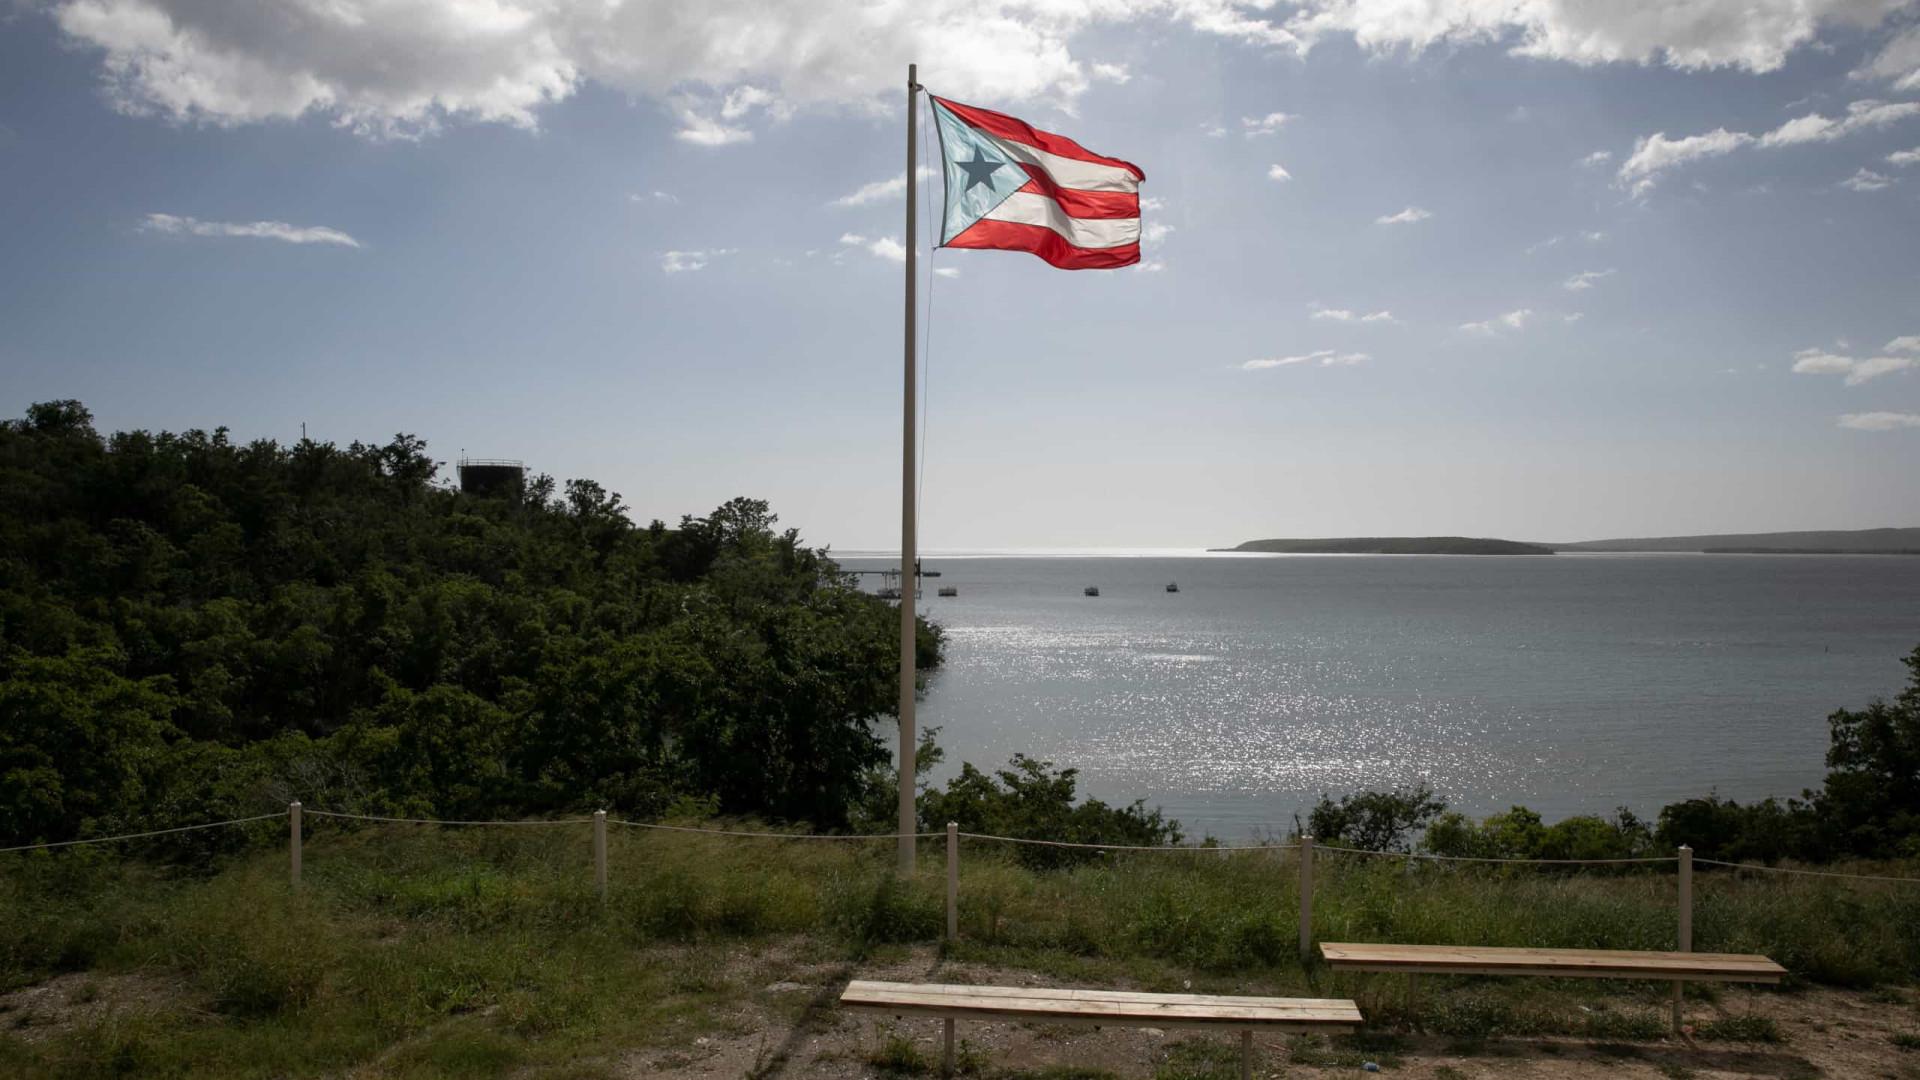 Sismo de 6.0 na escala de Richter abalou hoje Porto Rico